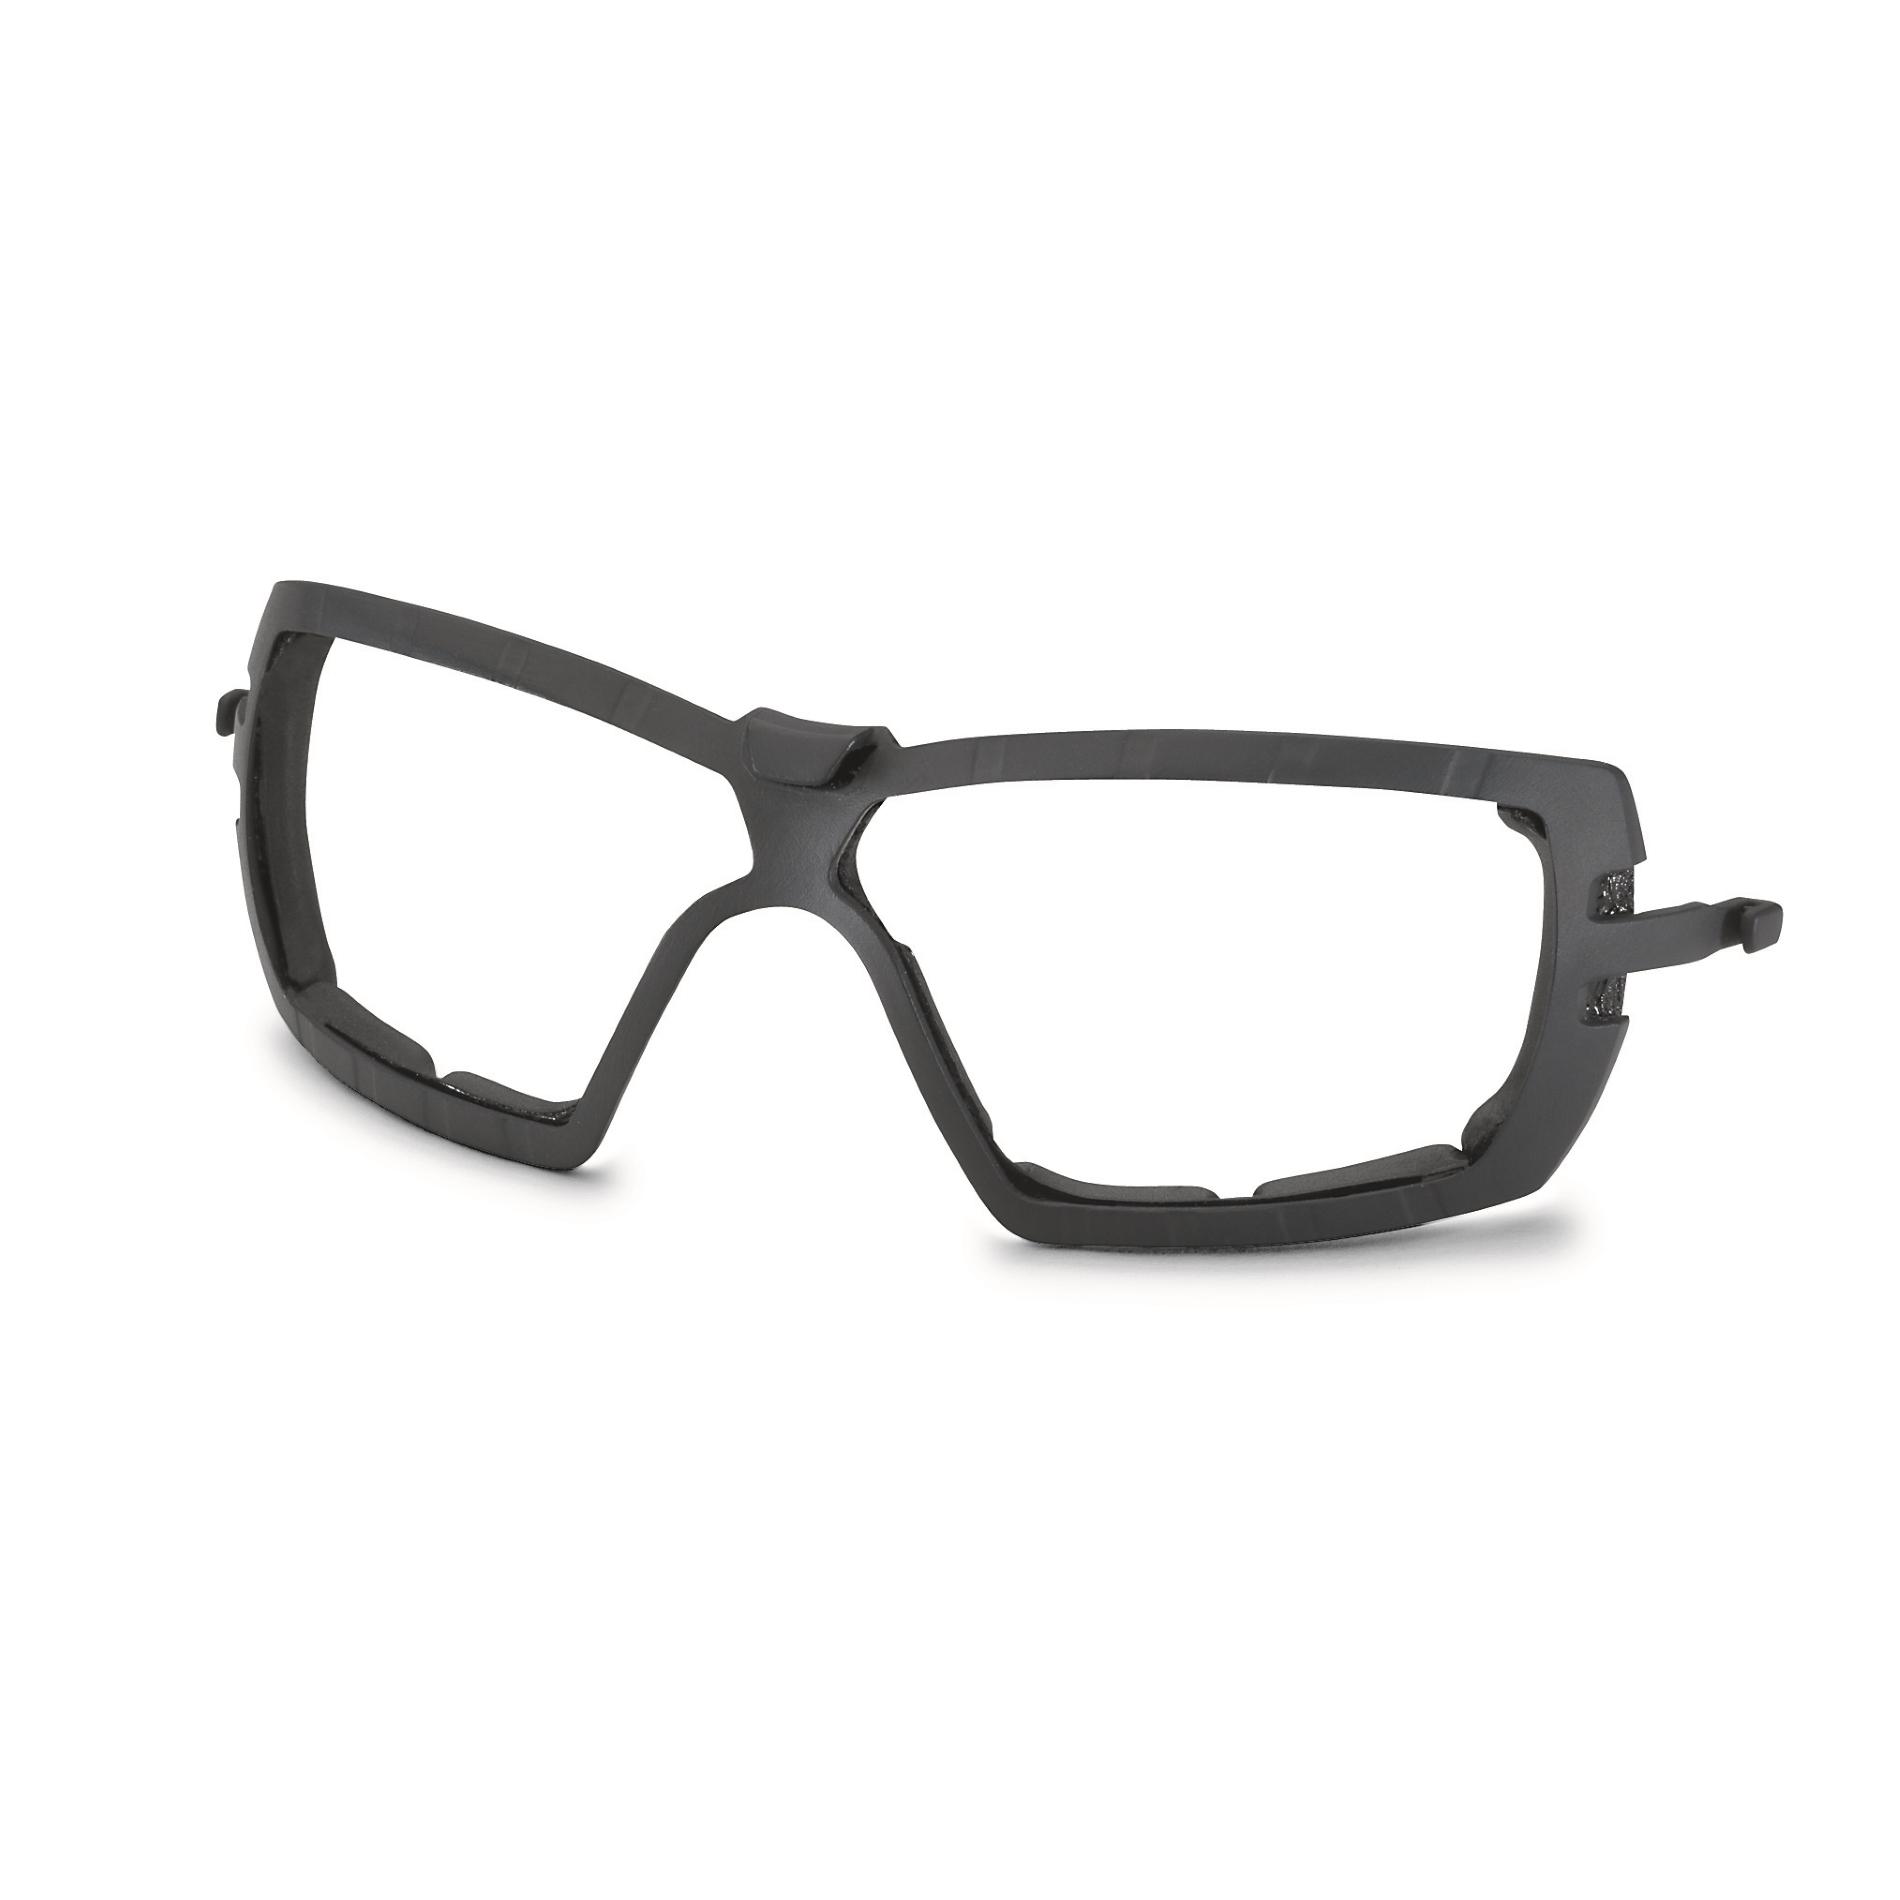 schutzbrillen arbeitsschutzbrille uvex augenschutz. Black Bedroom Furniture Sets. Home Design Ideas